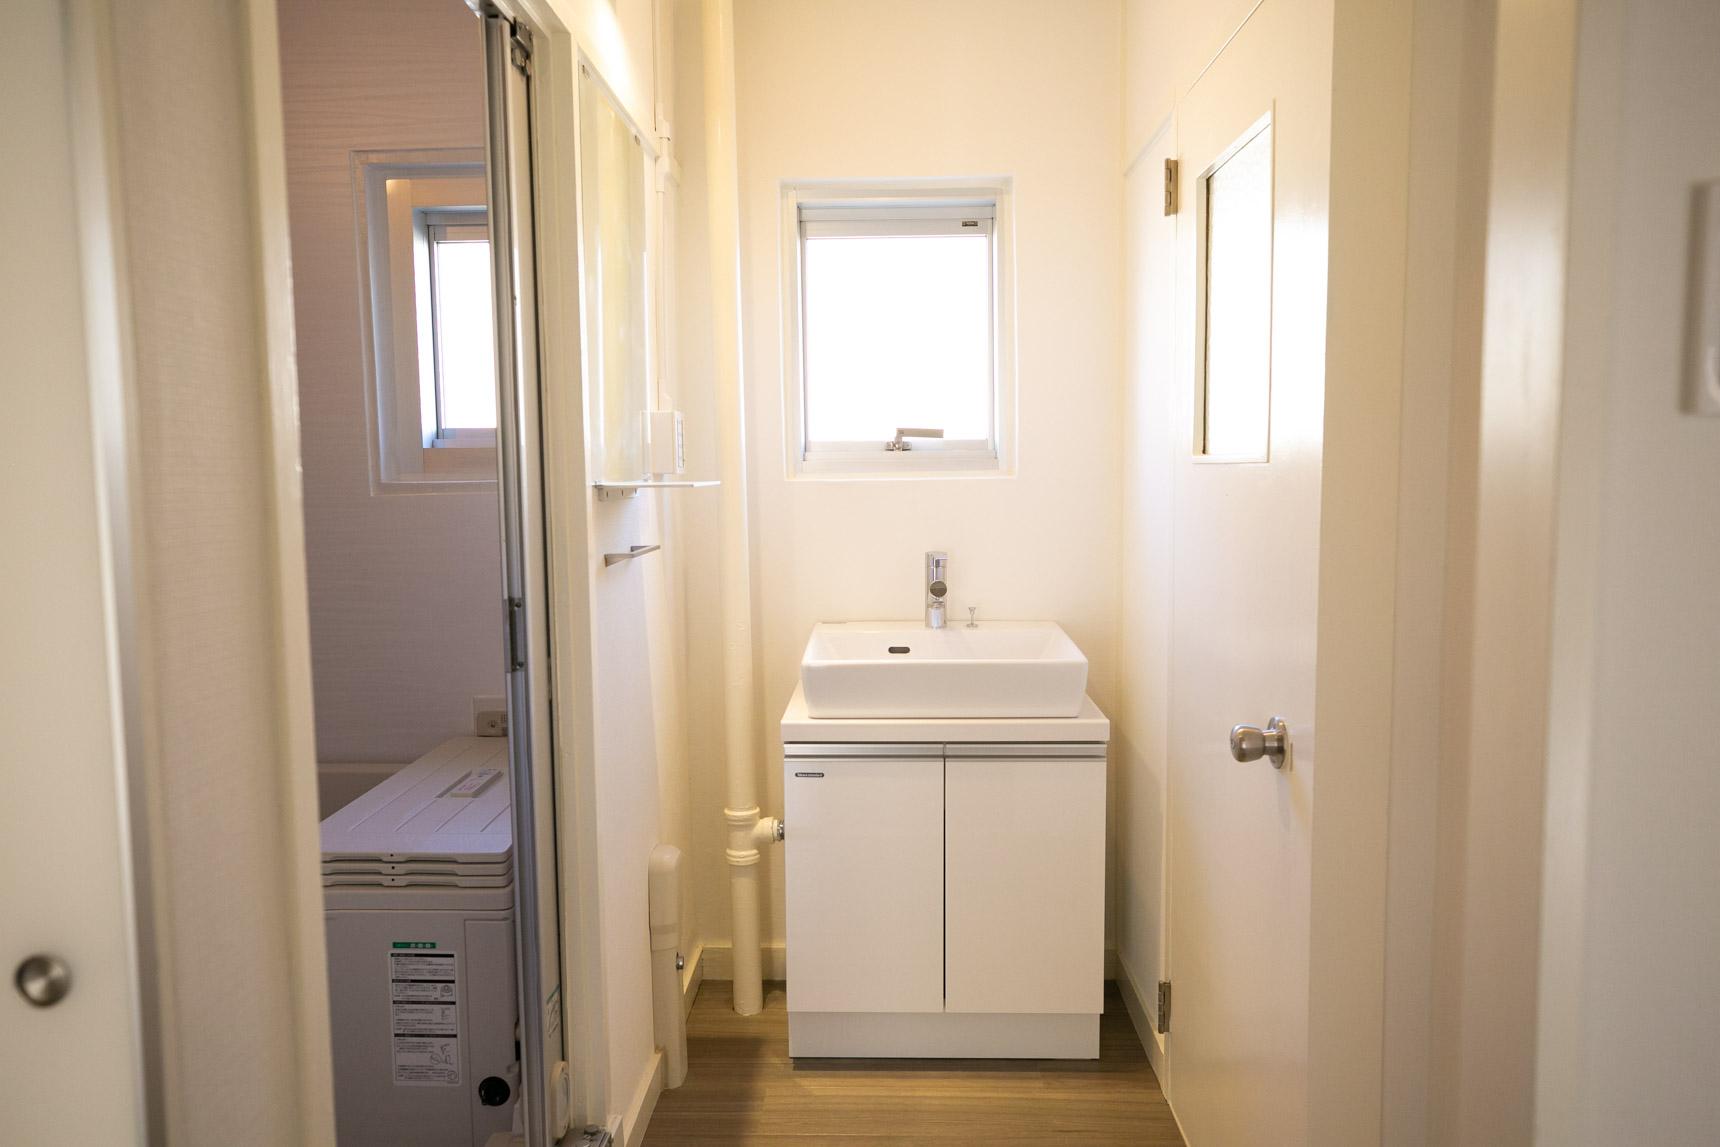 かなりスタイリッシュな洗面台がついている!これは嬉しいです。